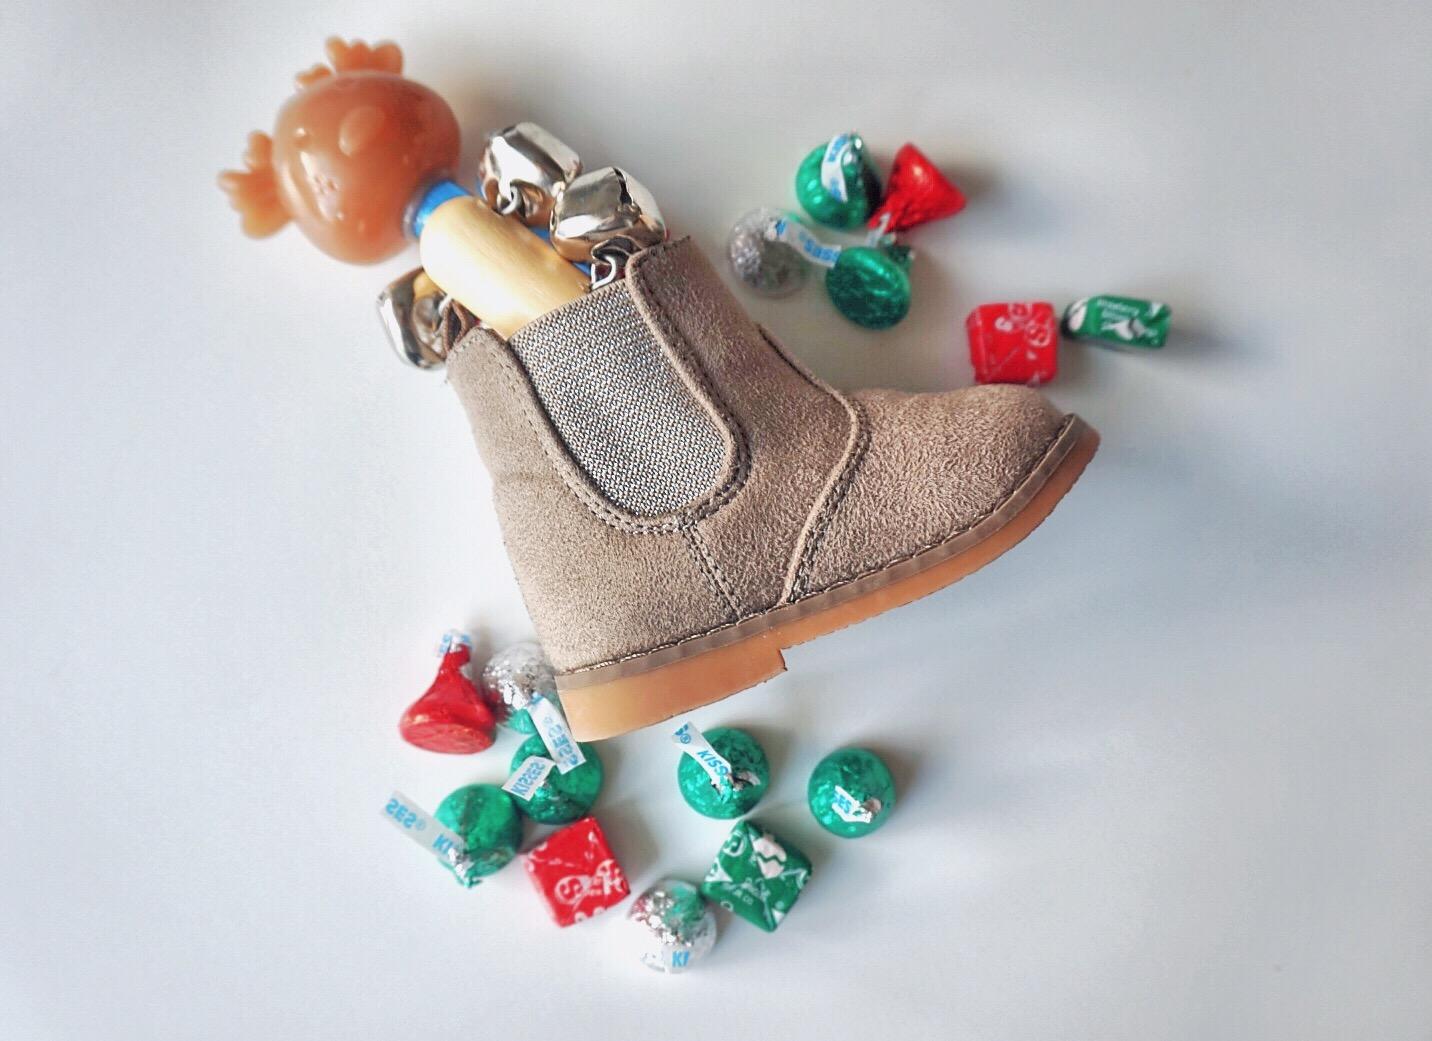 St Nicholas day shoe Christmas traditon